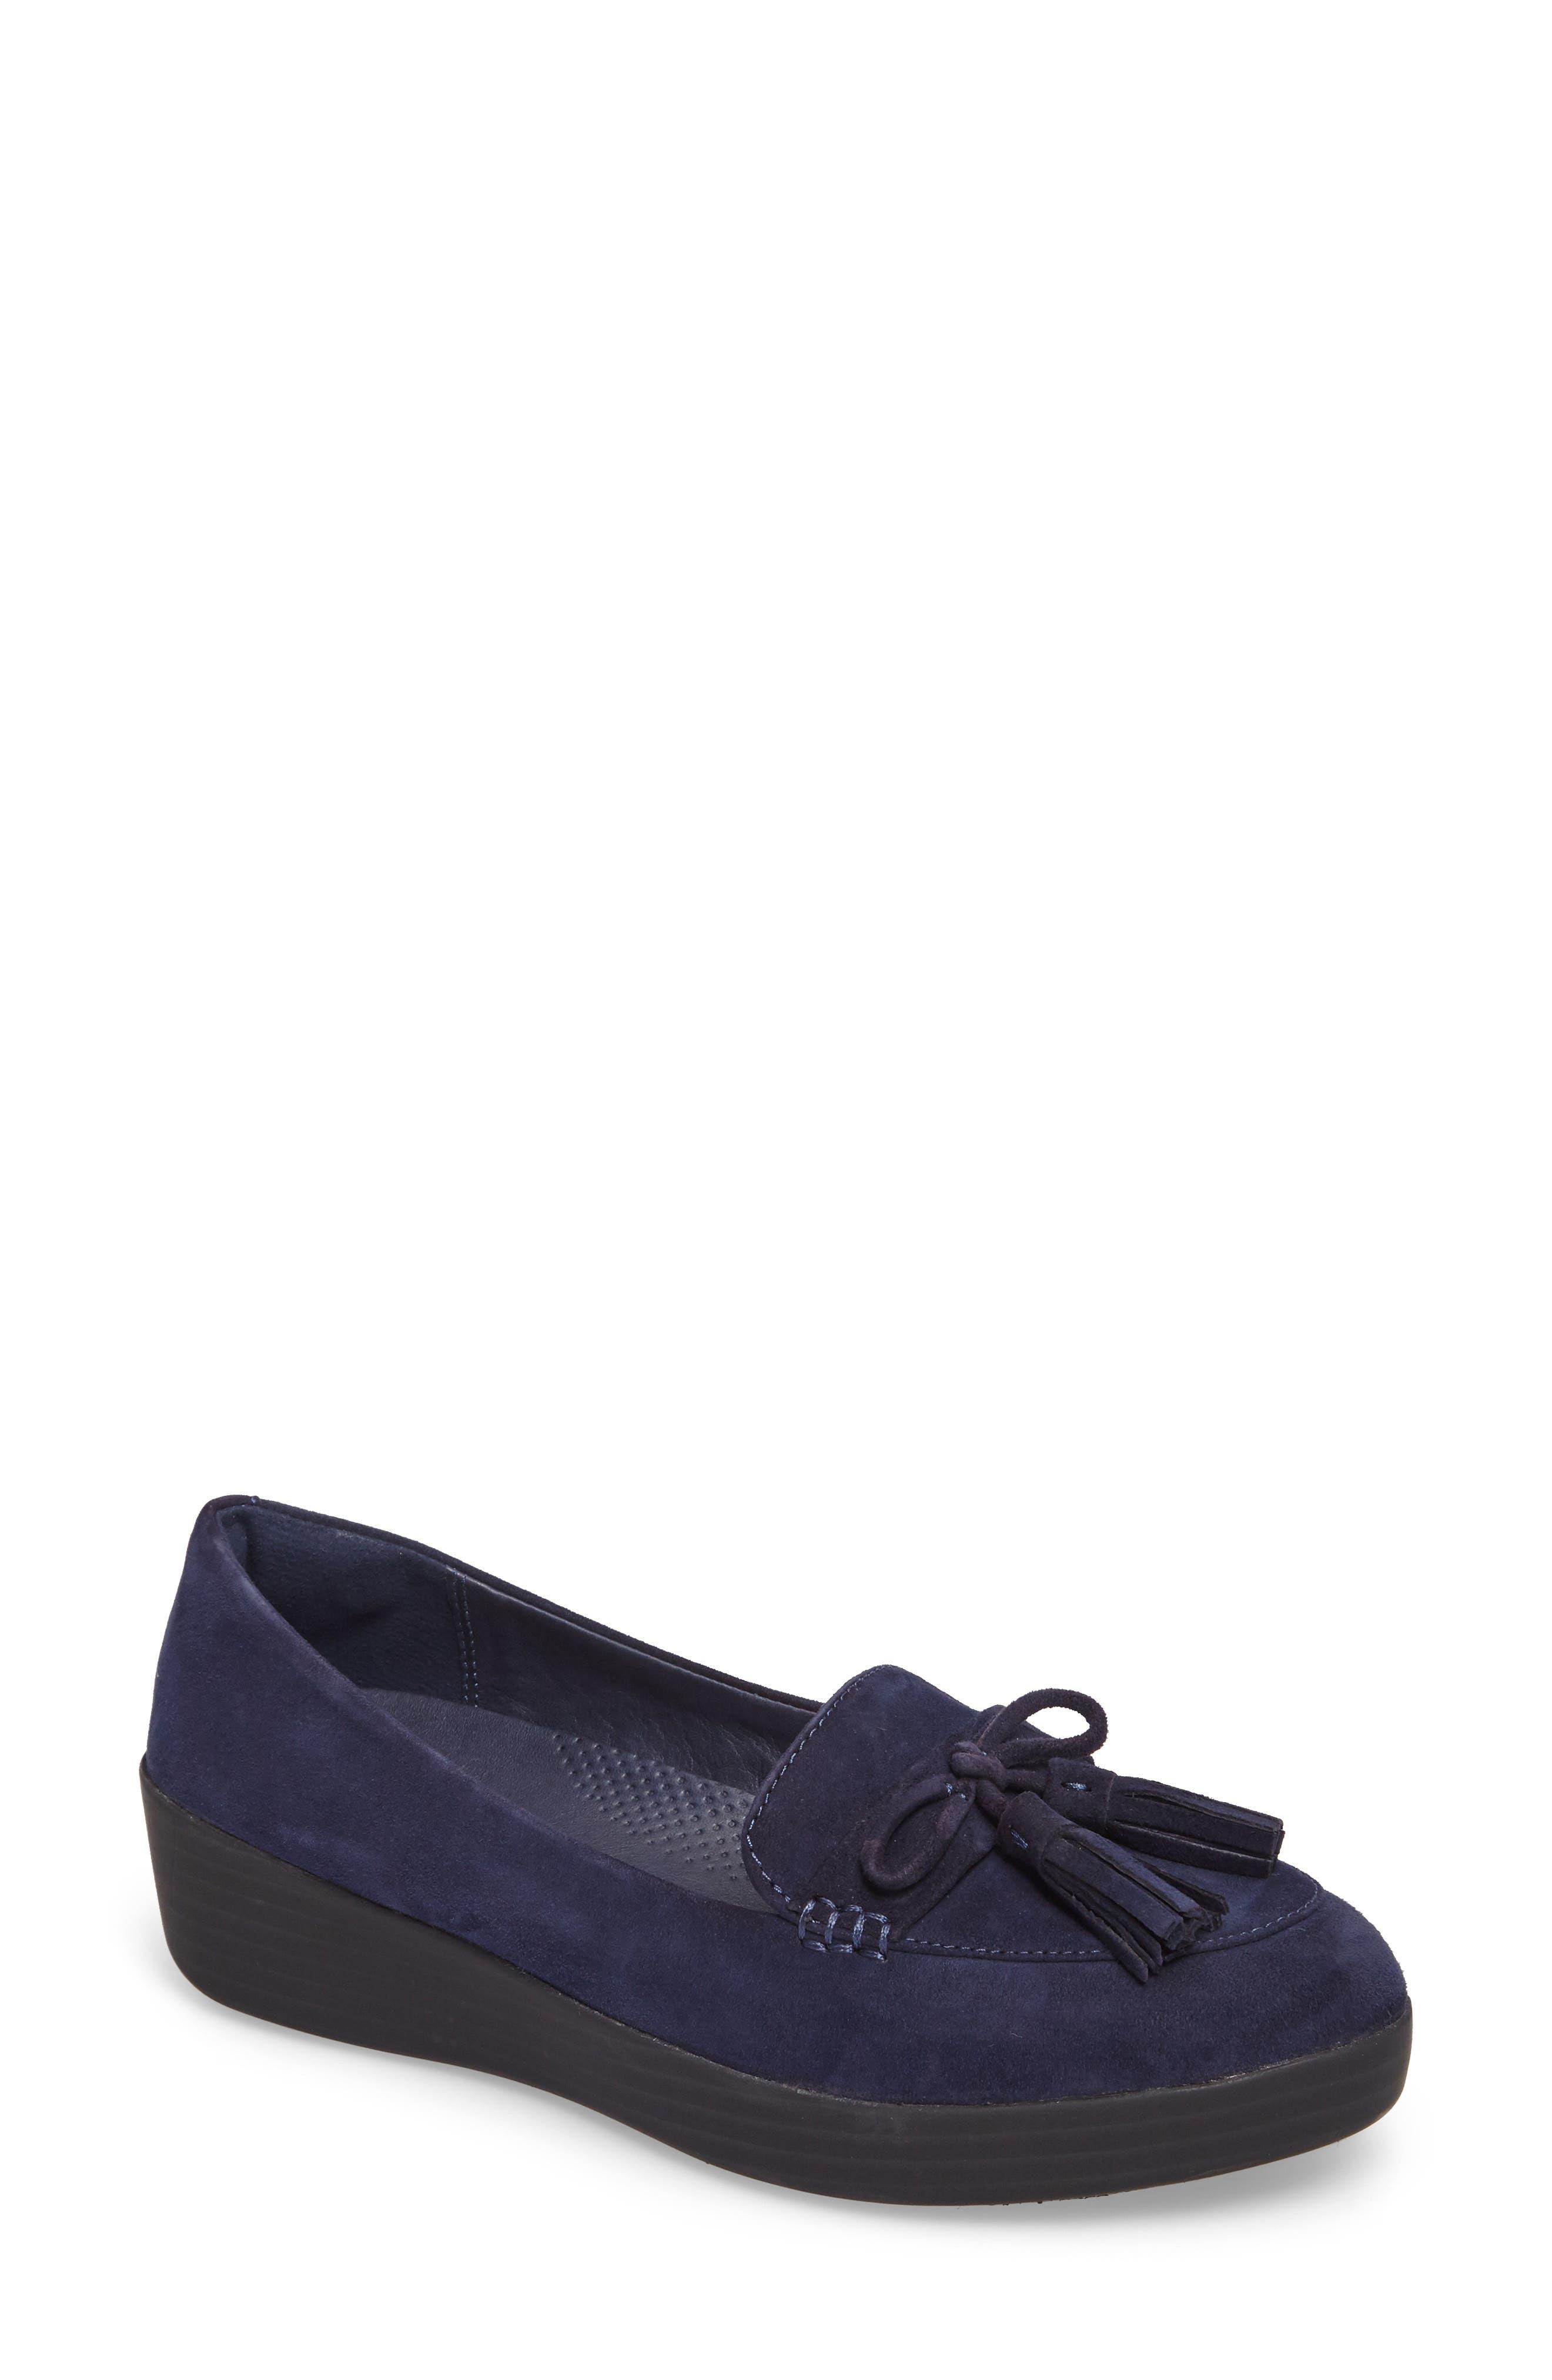 FitFlop Women's Tassel Bow Sneakerloafer(TM) Water Repellent Flat iNjBOhmH